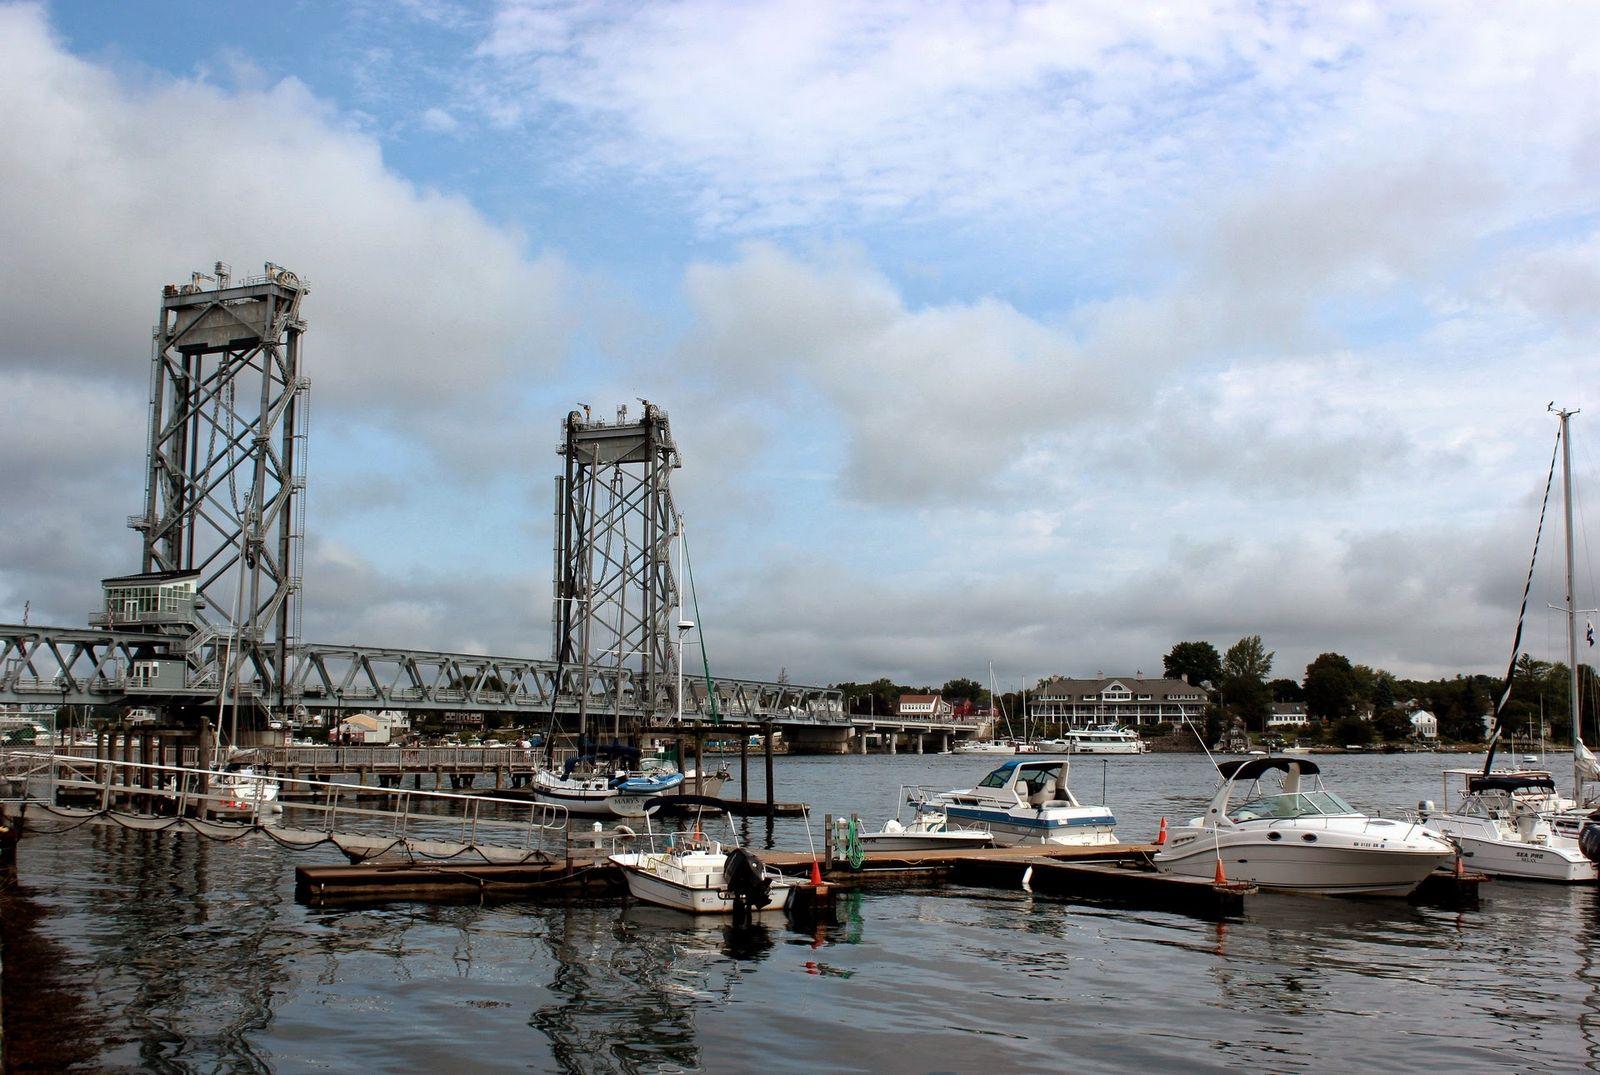 Portsmouth, un pueblo con encan...no, es feo